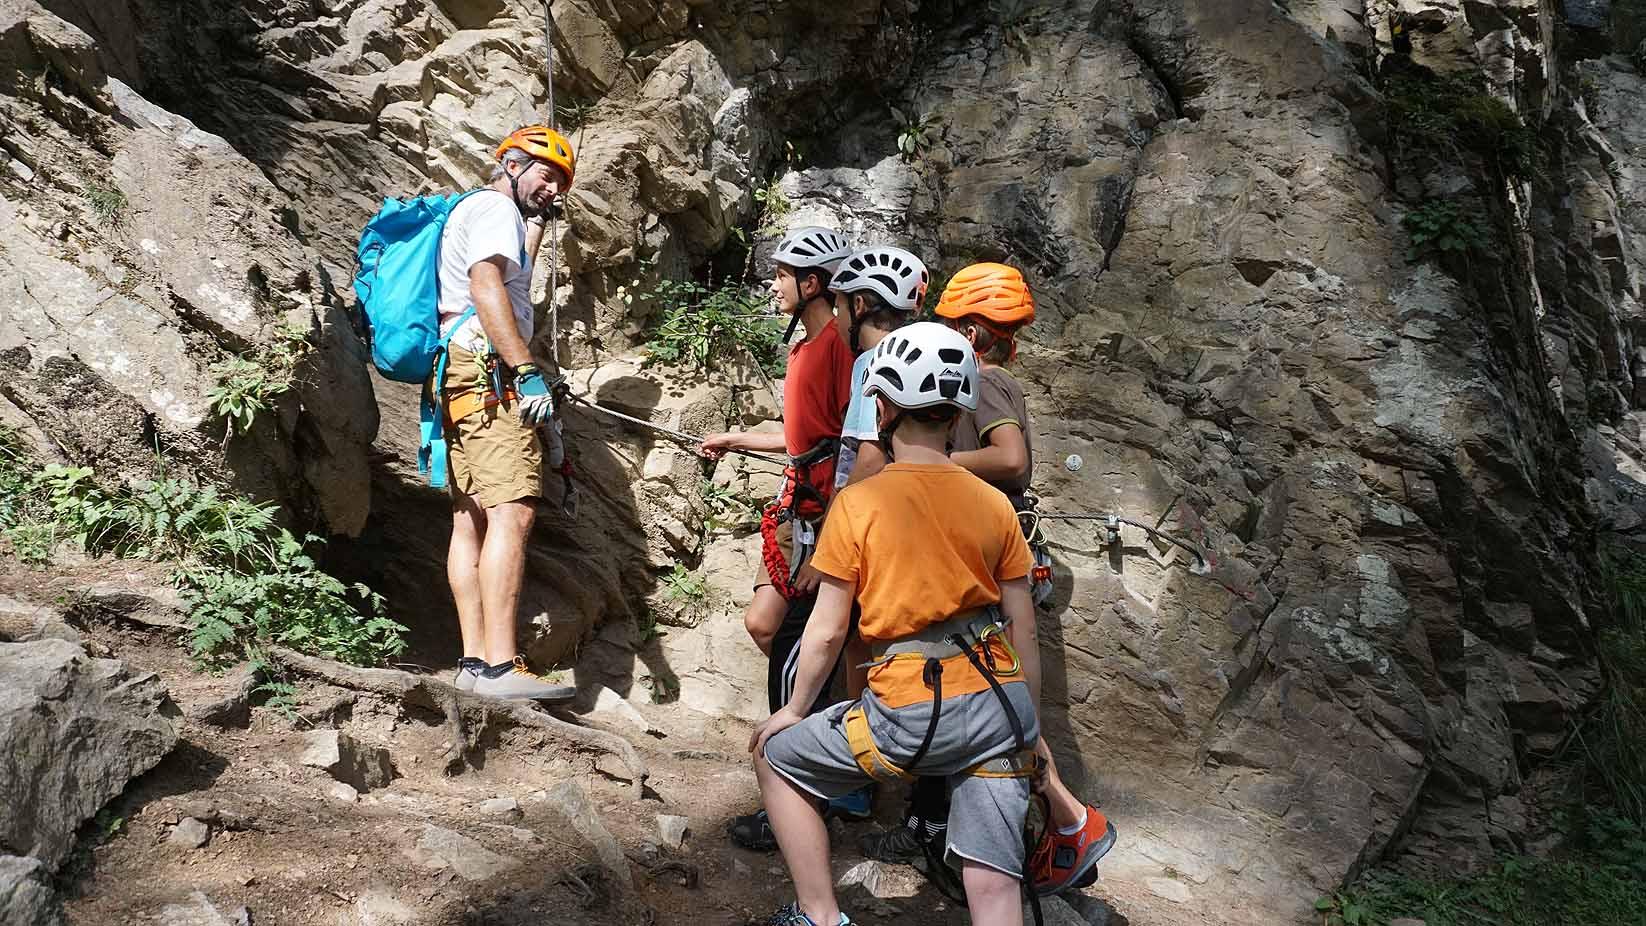 Klettersteigset Kinder : Klettersteig mit kinder und jugendlichen eine besondere herausforderung!